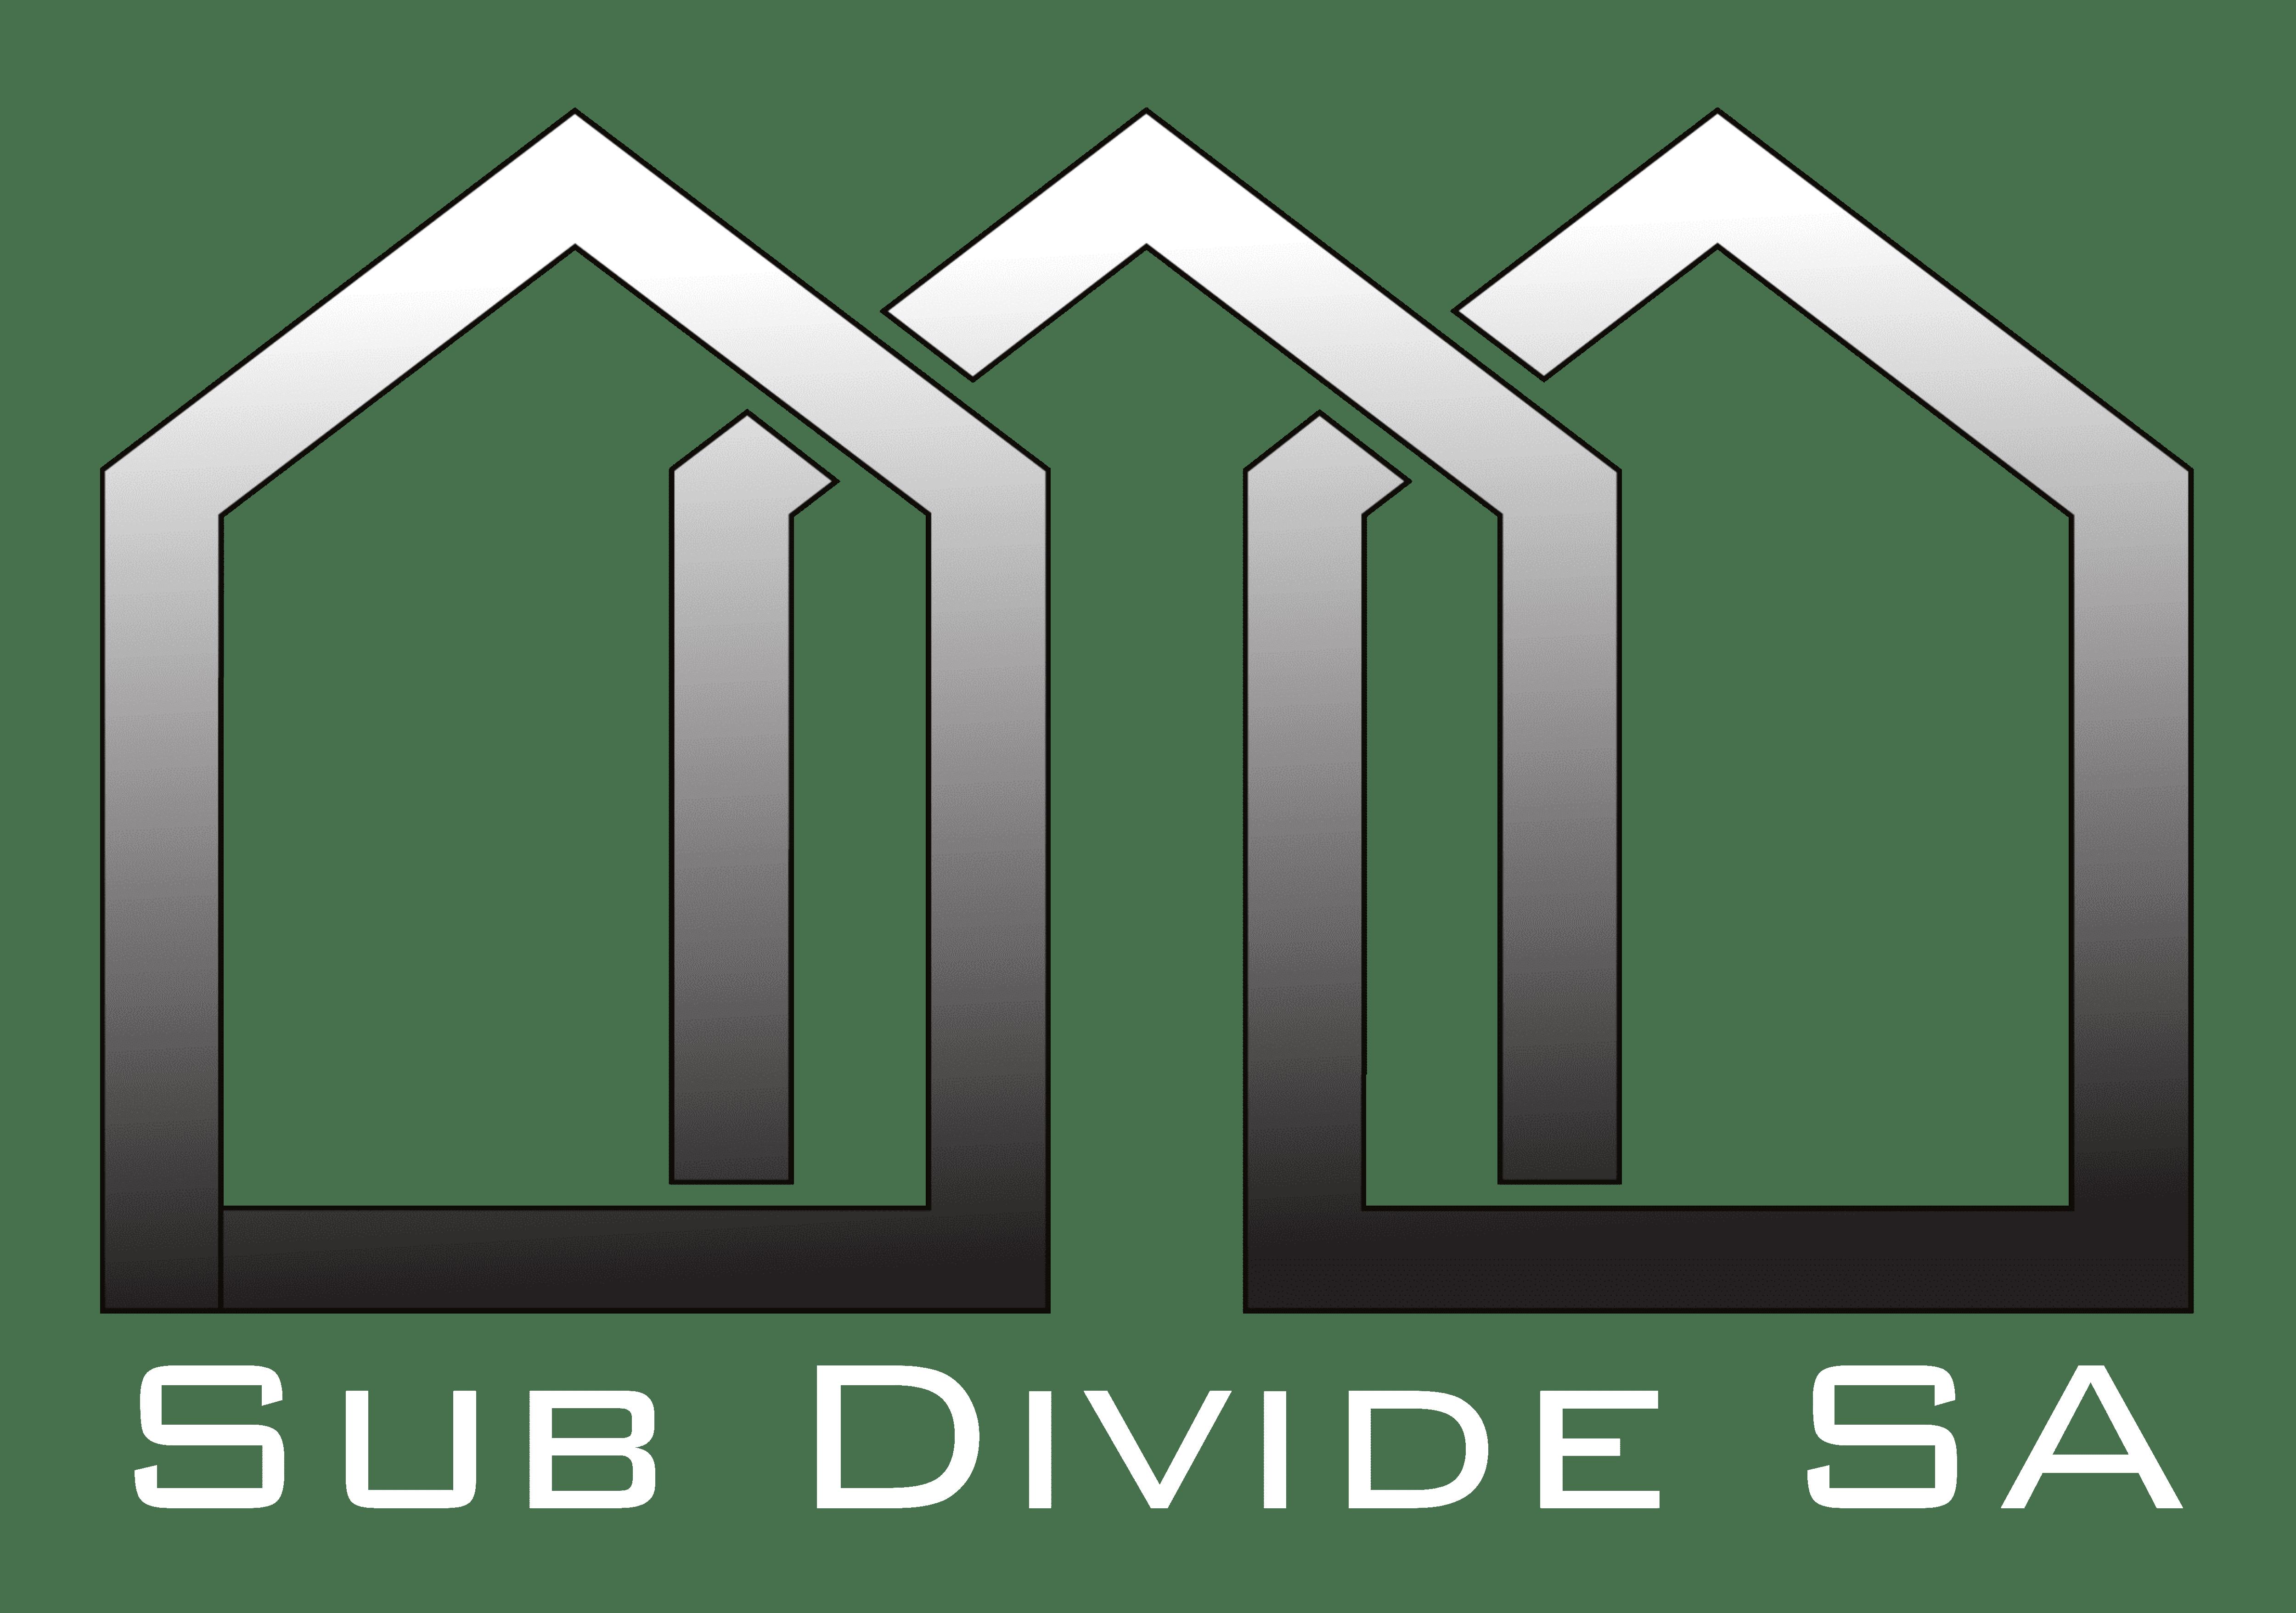 Sub Divide SA (White Logo)